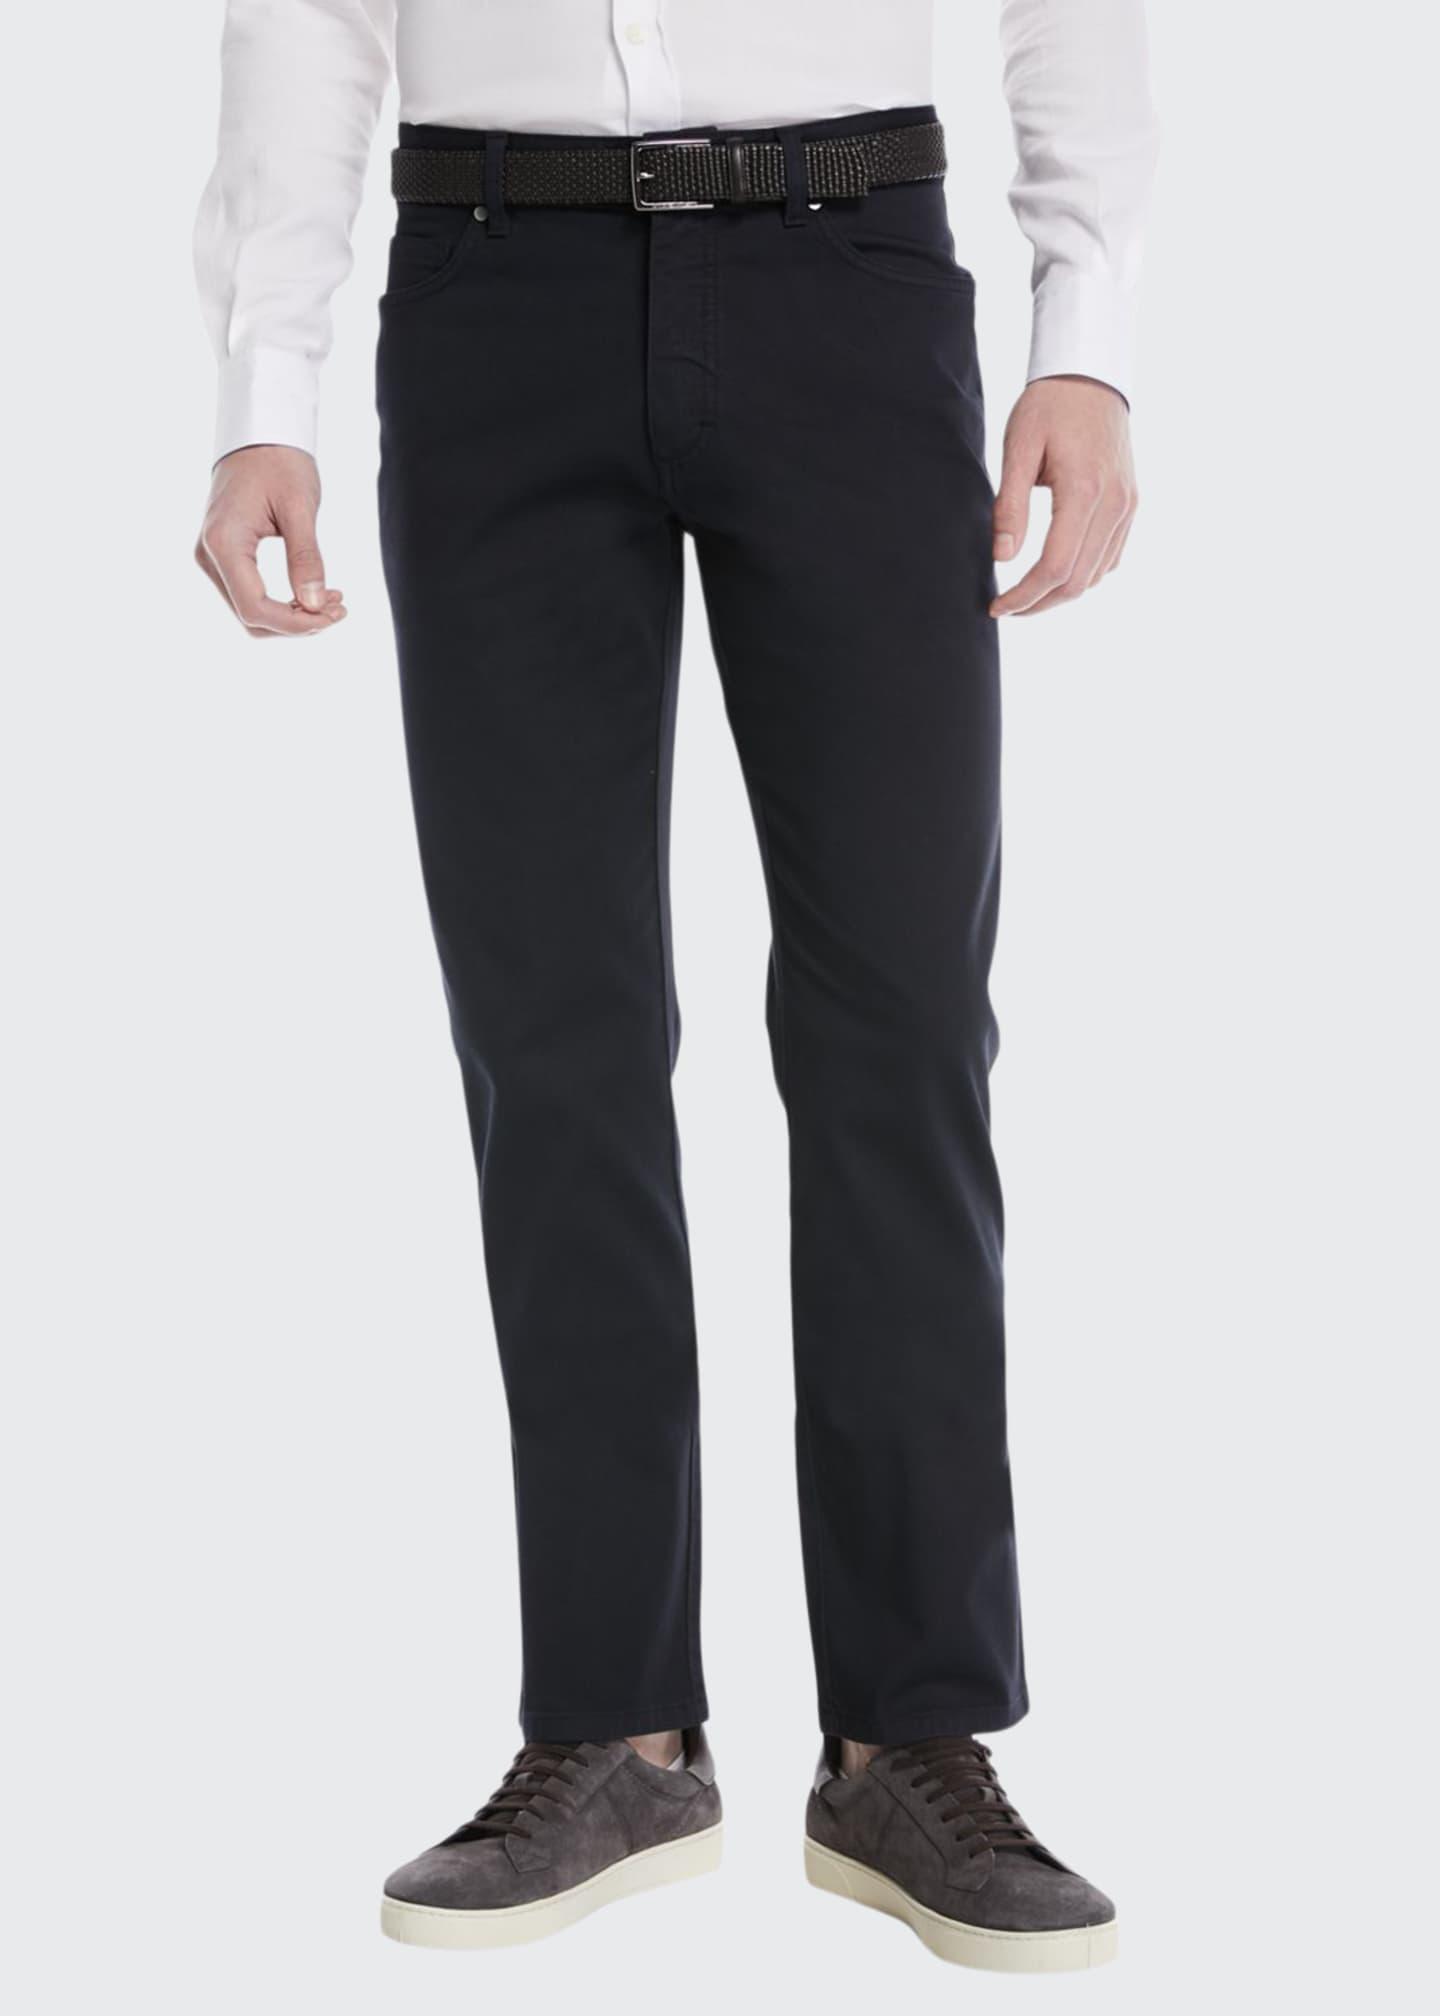 Ermenegildo Zegna Cotton Canvas Chino Pants, Navy